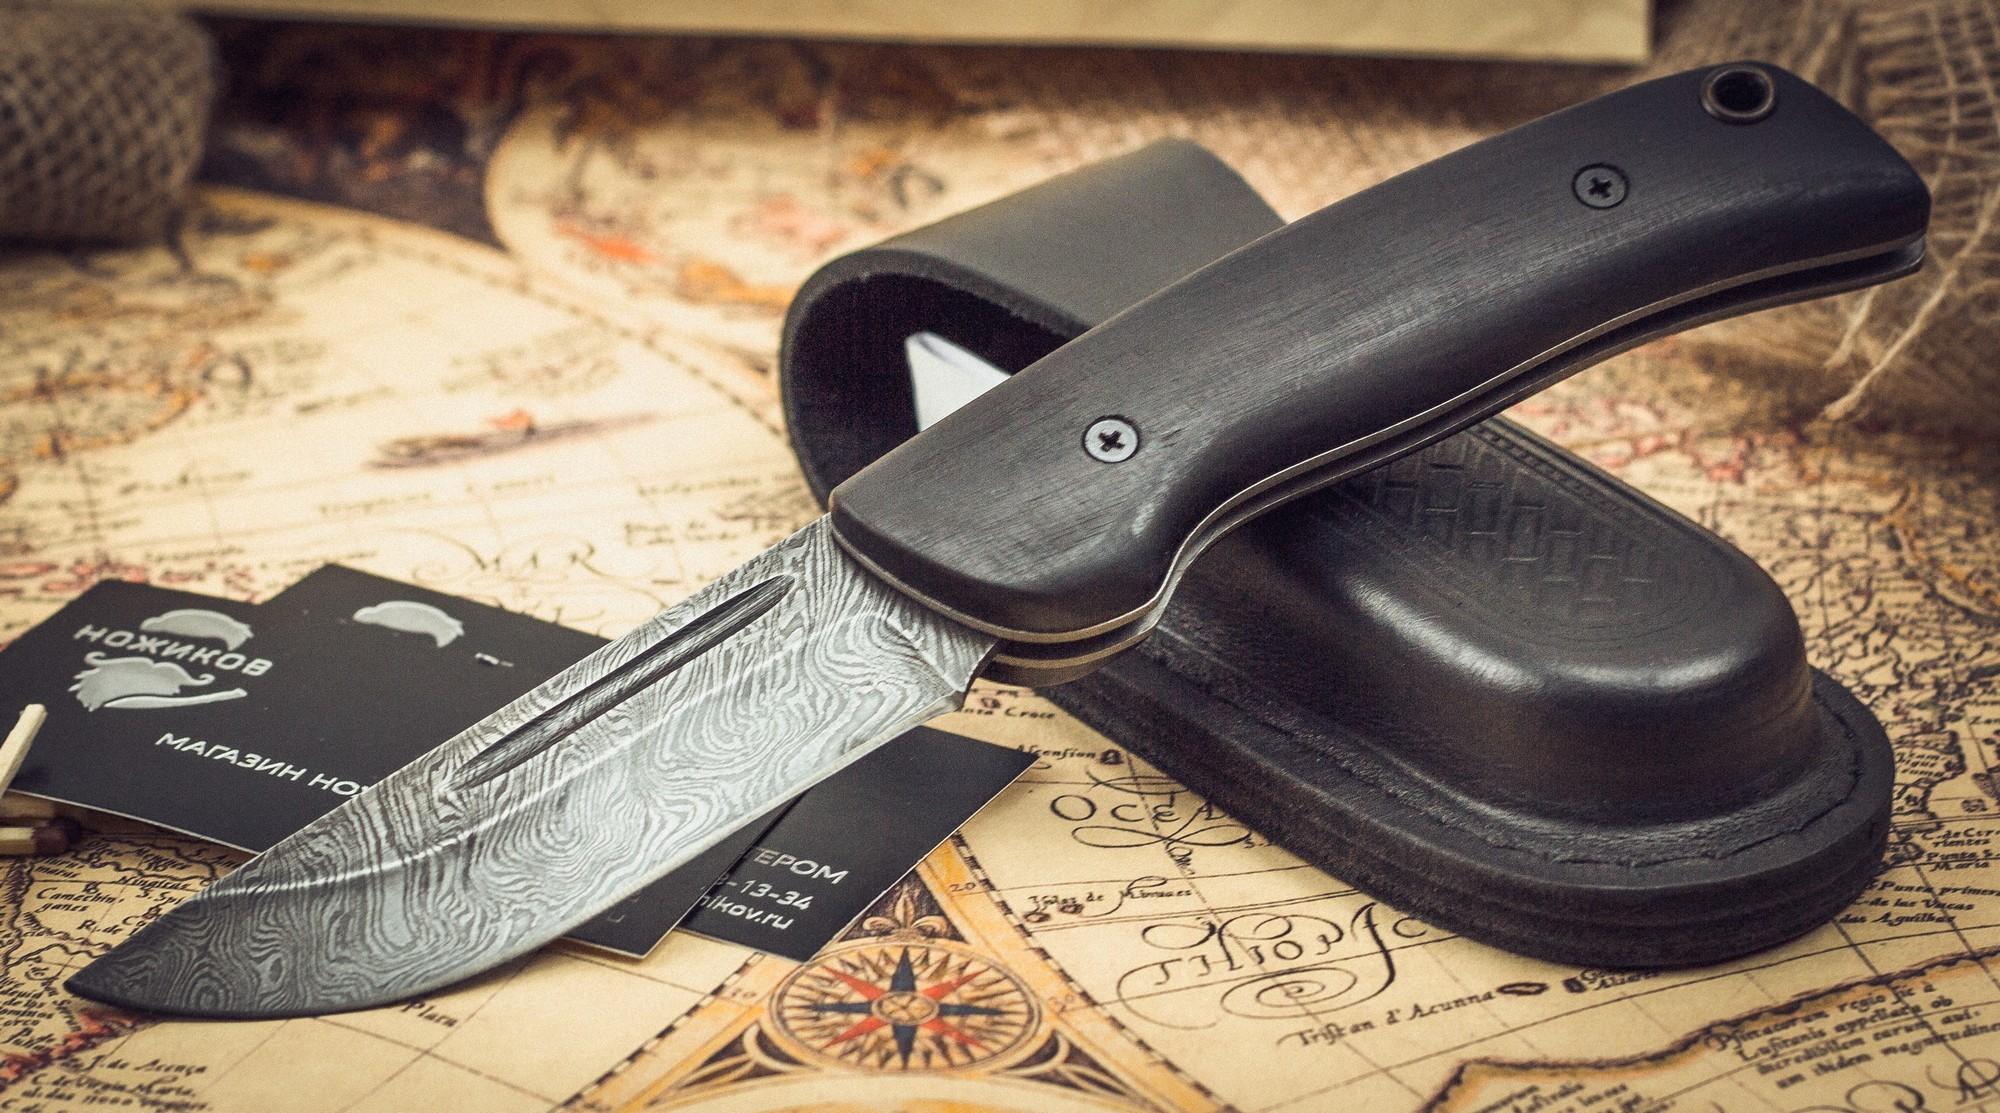 Фото 3 - Складной нож Морвин, дамаск, граб от Марычев